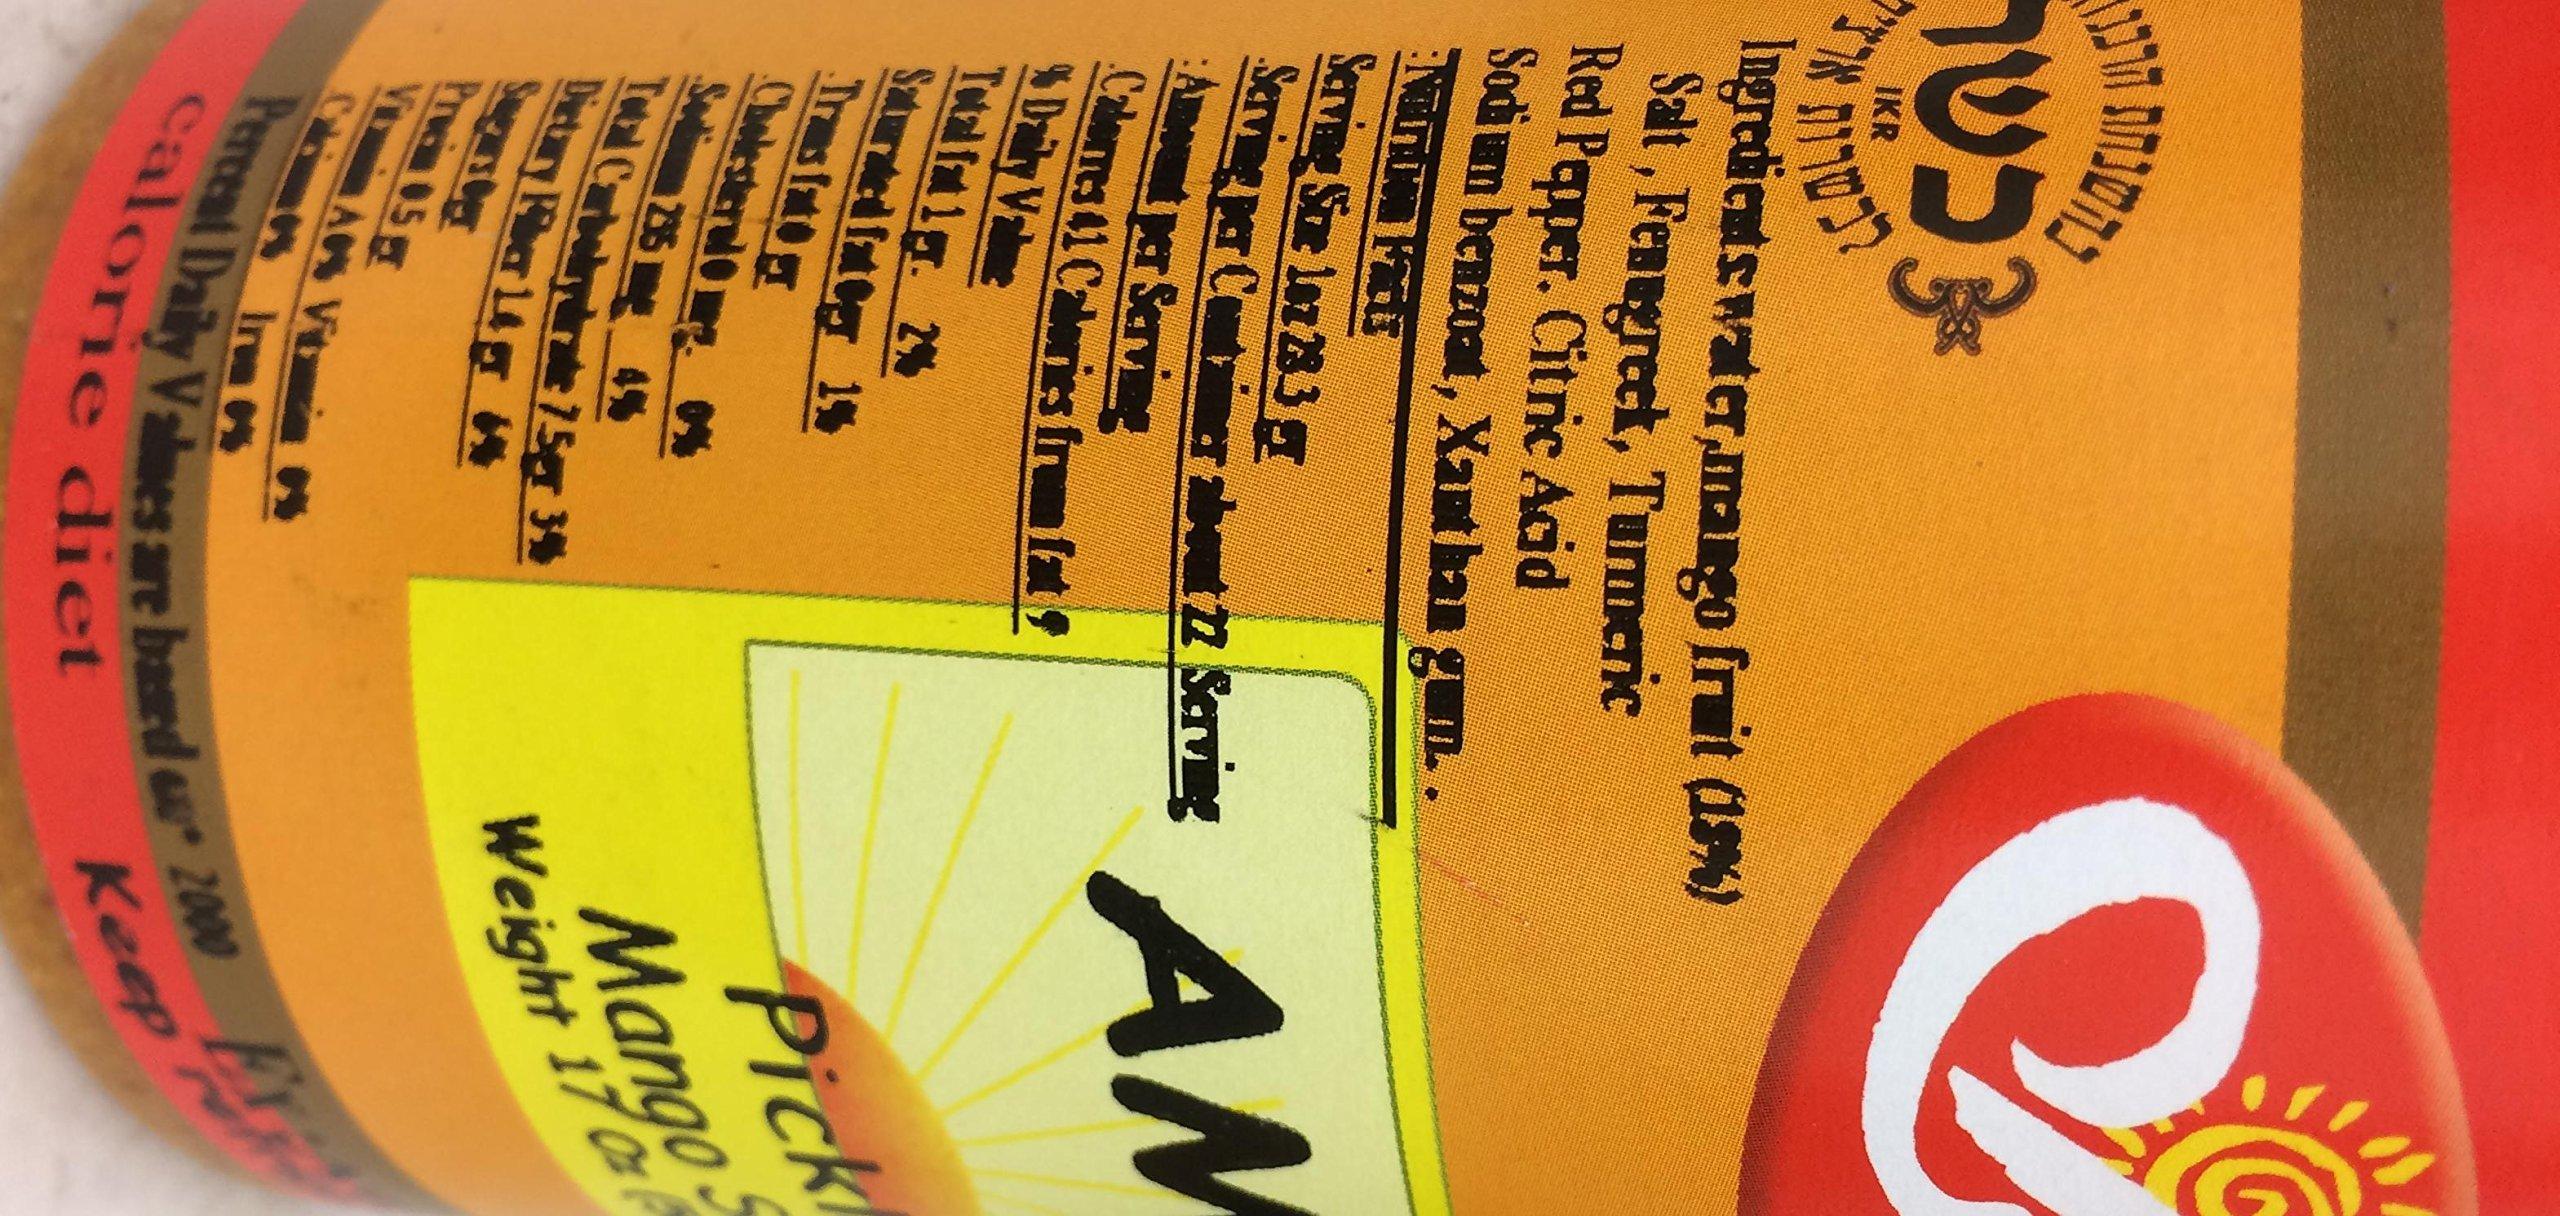 Amba Pickled Mango Sauce 17 Oz. Pk Of 3. by Amba (Image #3)